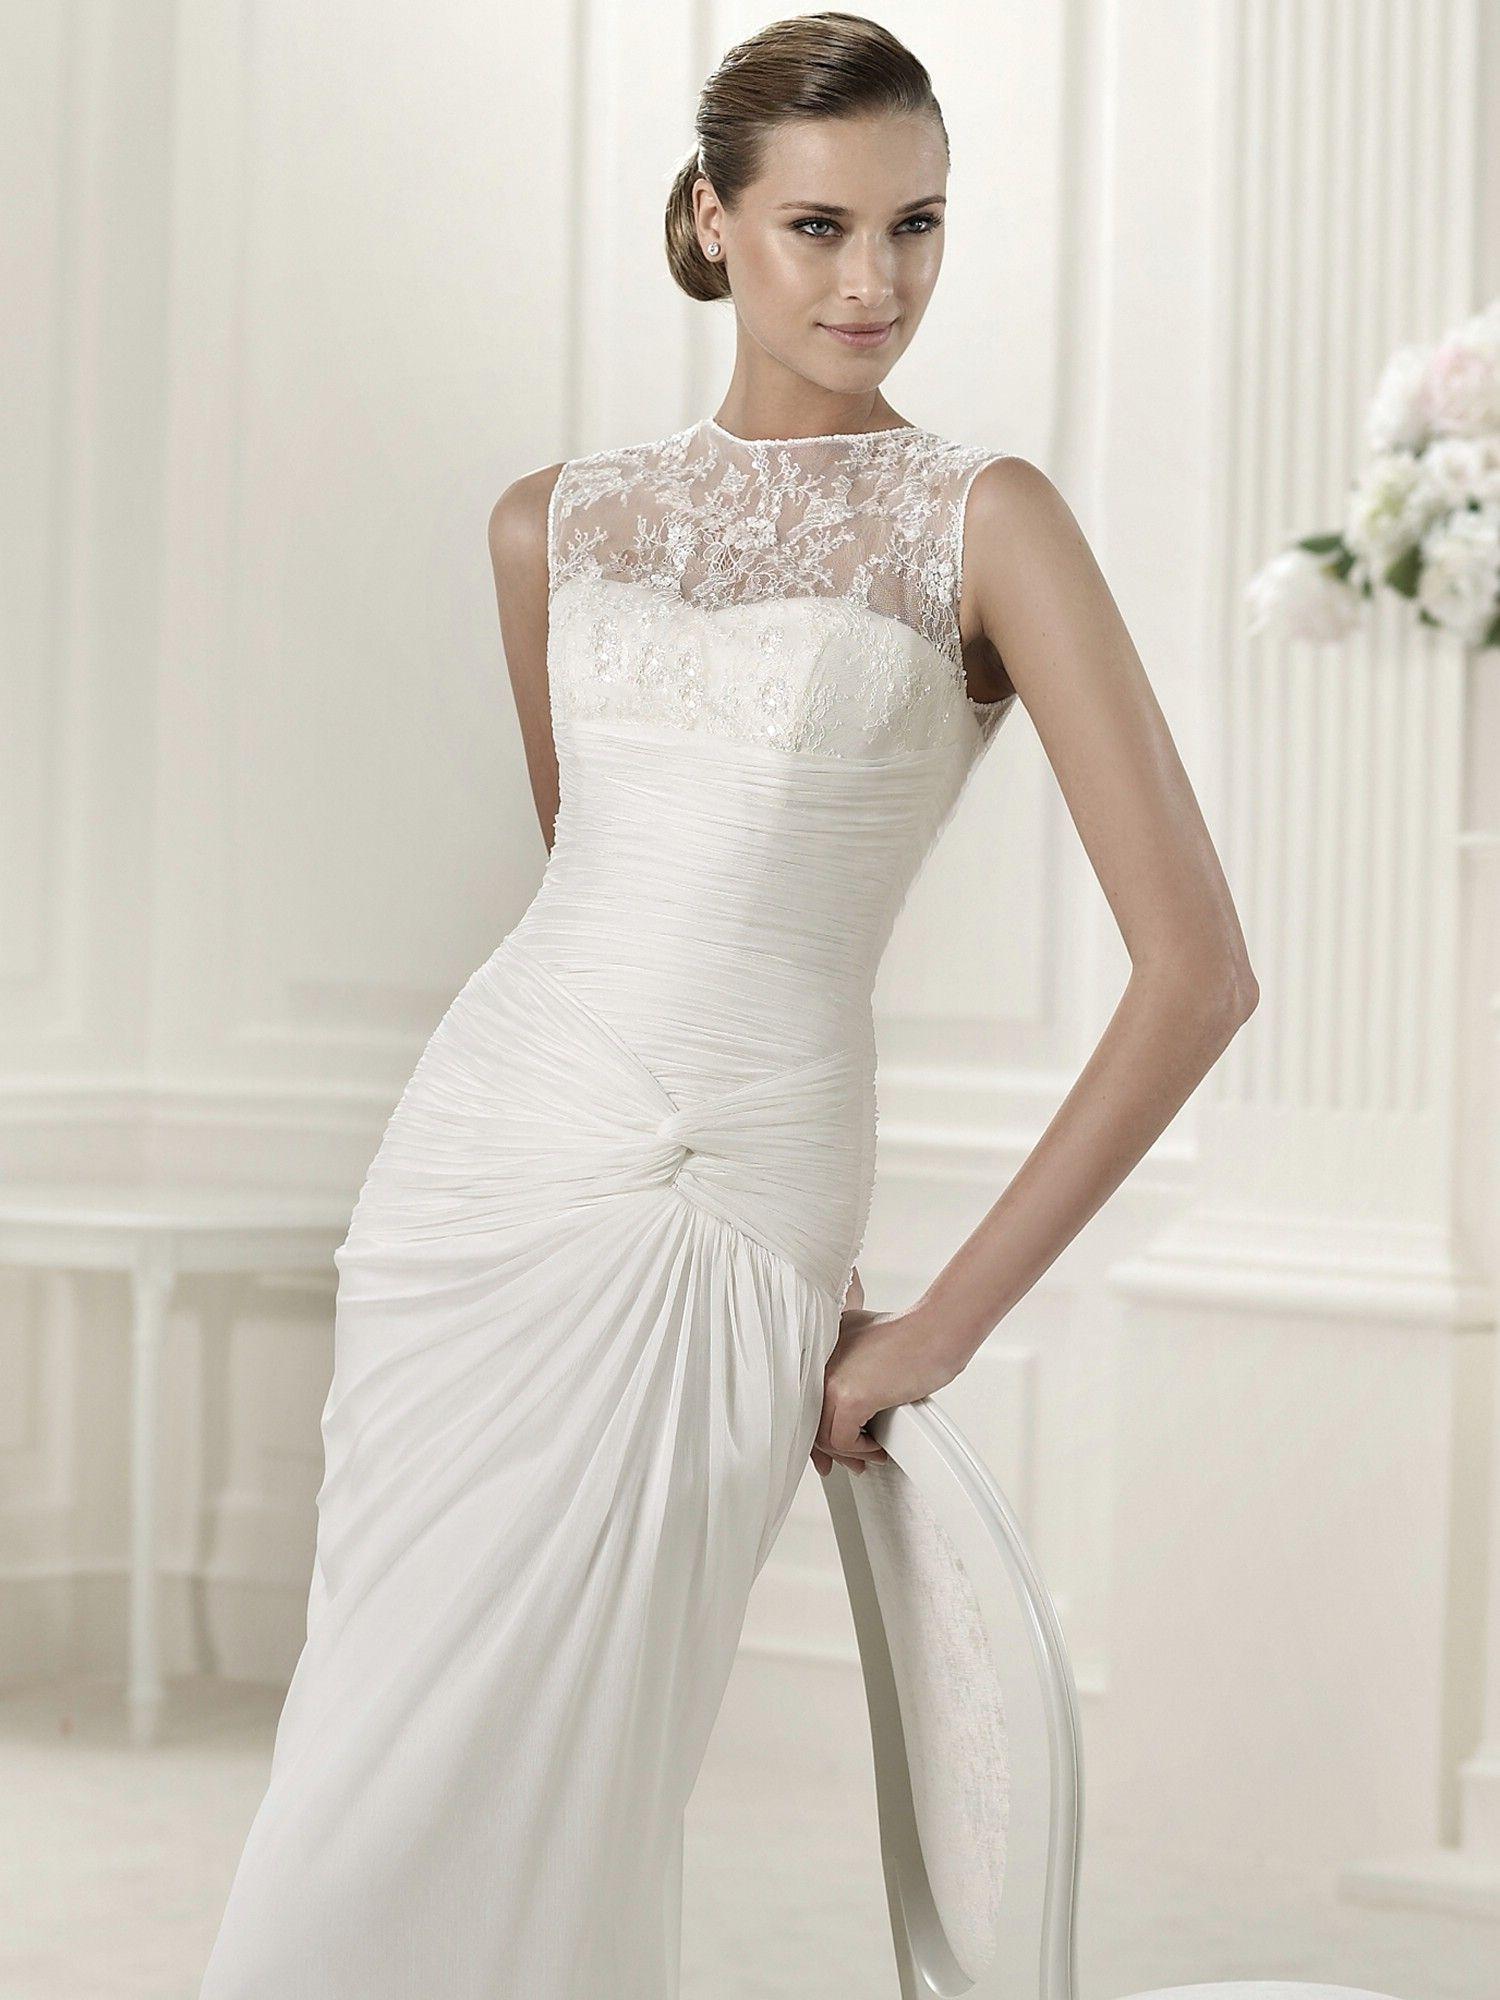 Pronovias wedding dresses style destino destino wedding